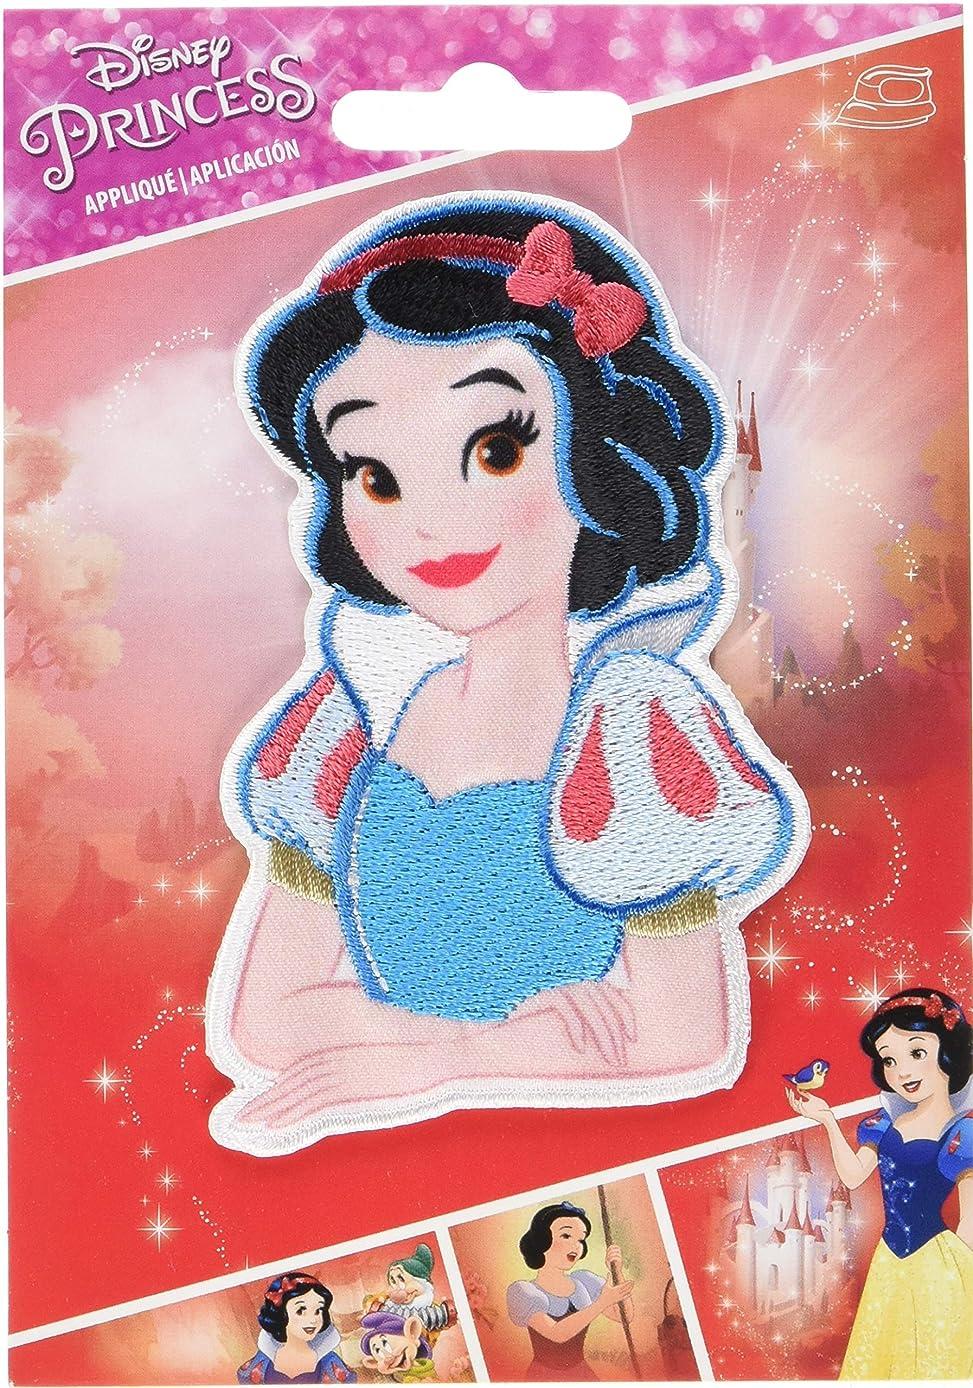 Wrights Snow White Disney Princess Iron-On Applique